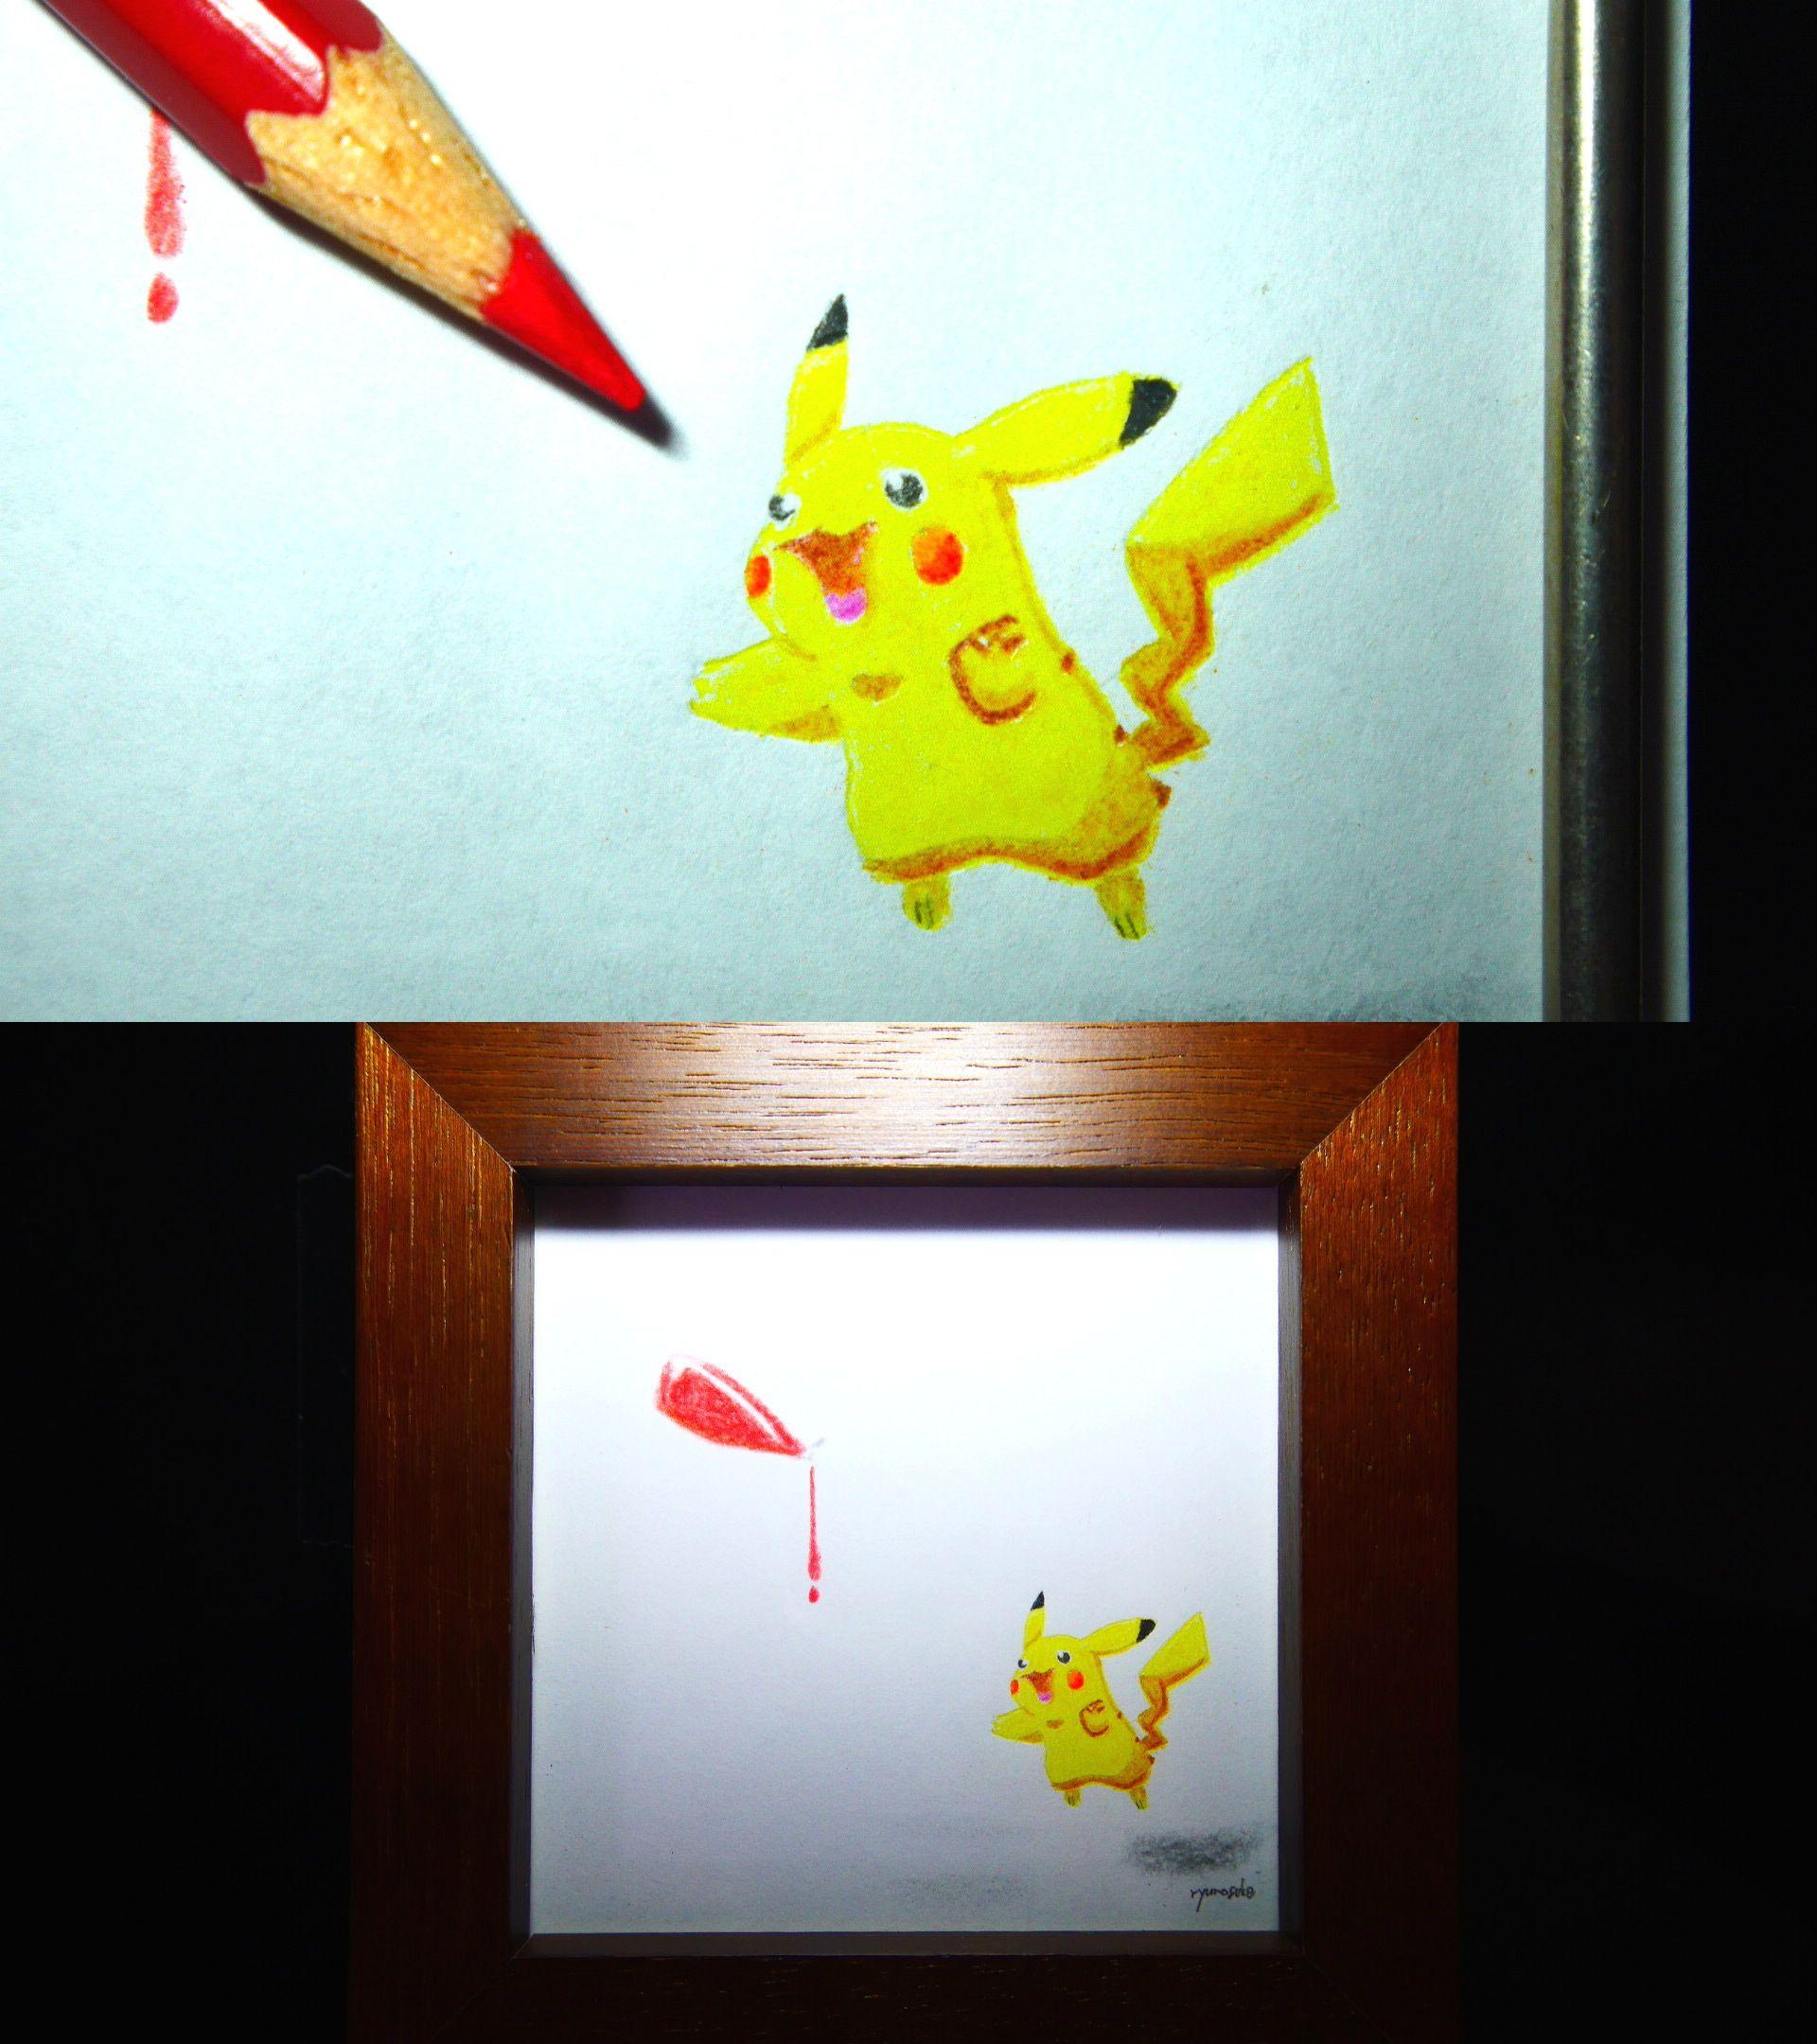 pokemon #go #pikacyu #art #ポケモン #ピカチュウ #ポケモン図鑑